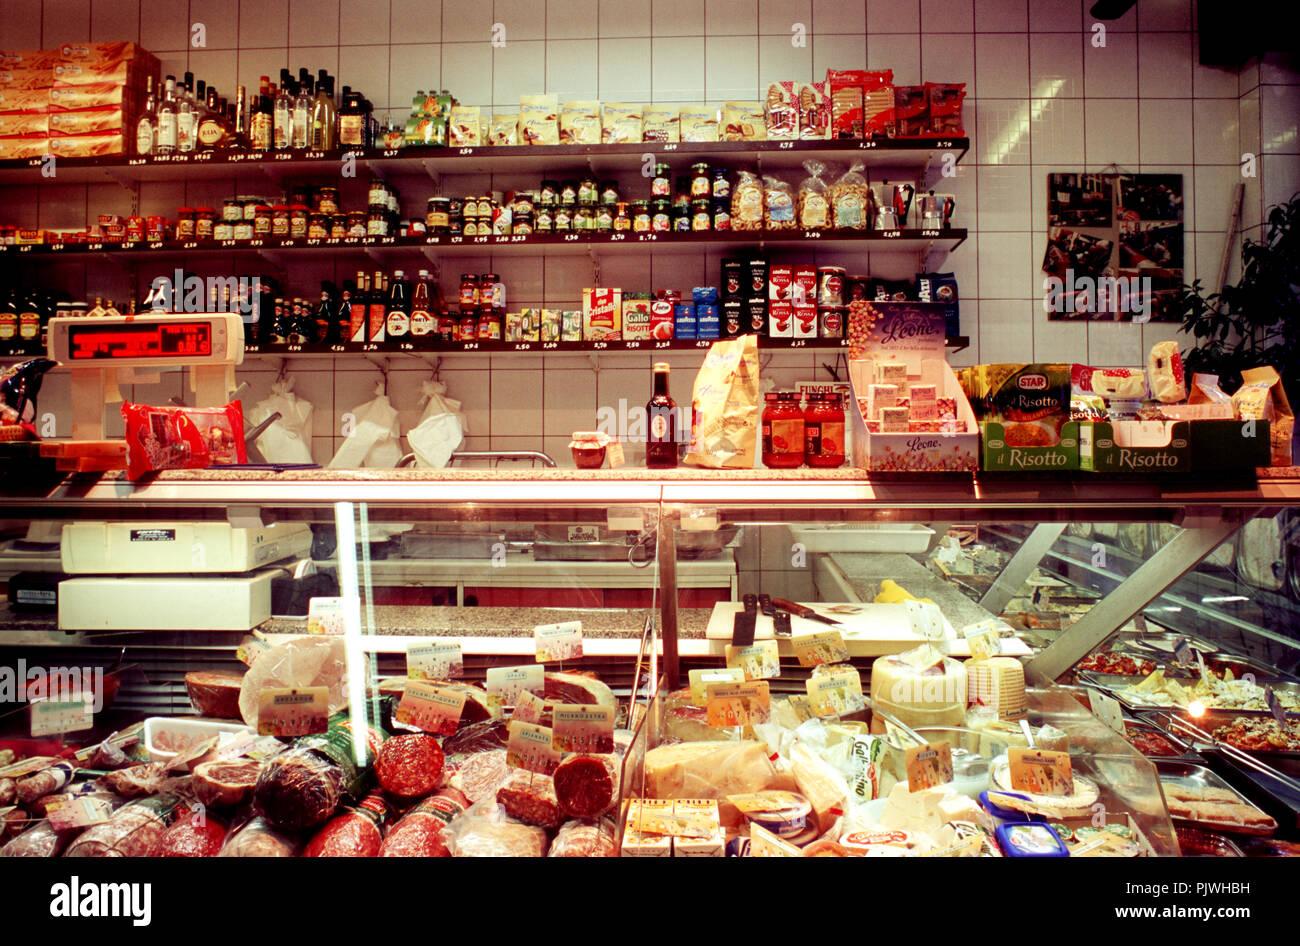 Keuken Outlet Store : Italiaanse keuken stock photos & italiaanse keuken stock images alamy